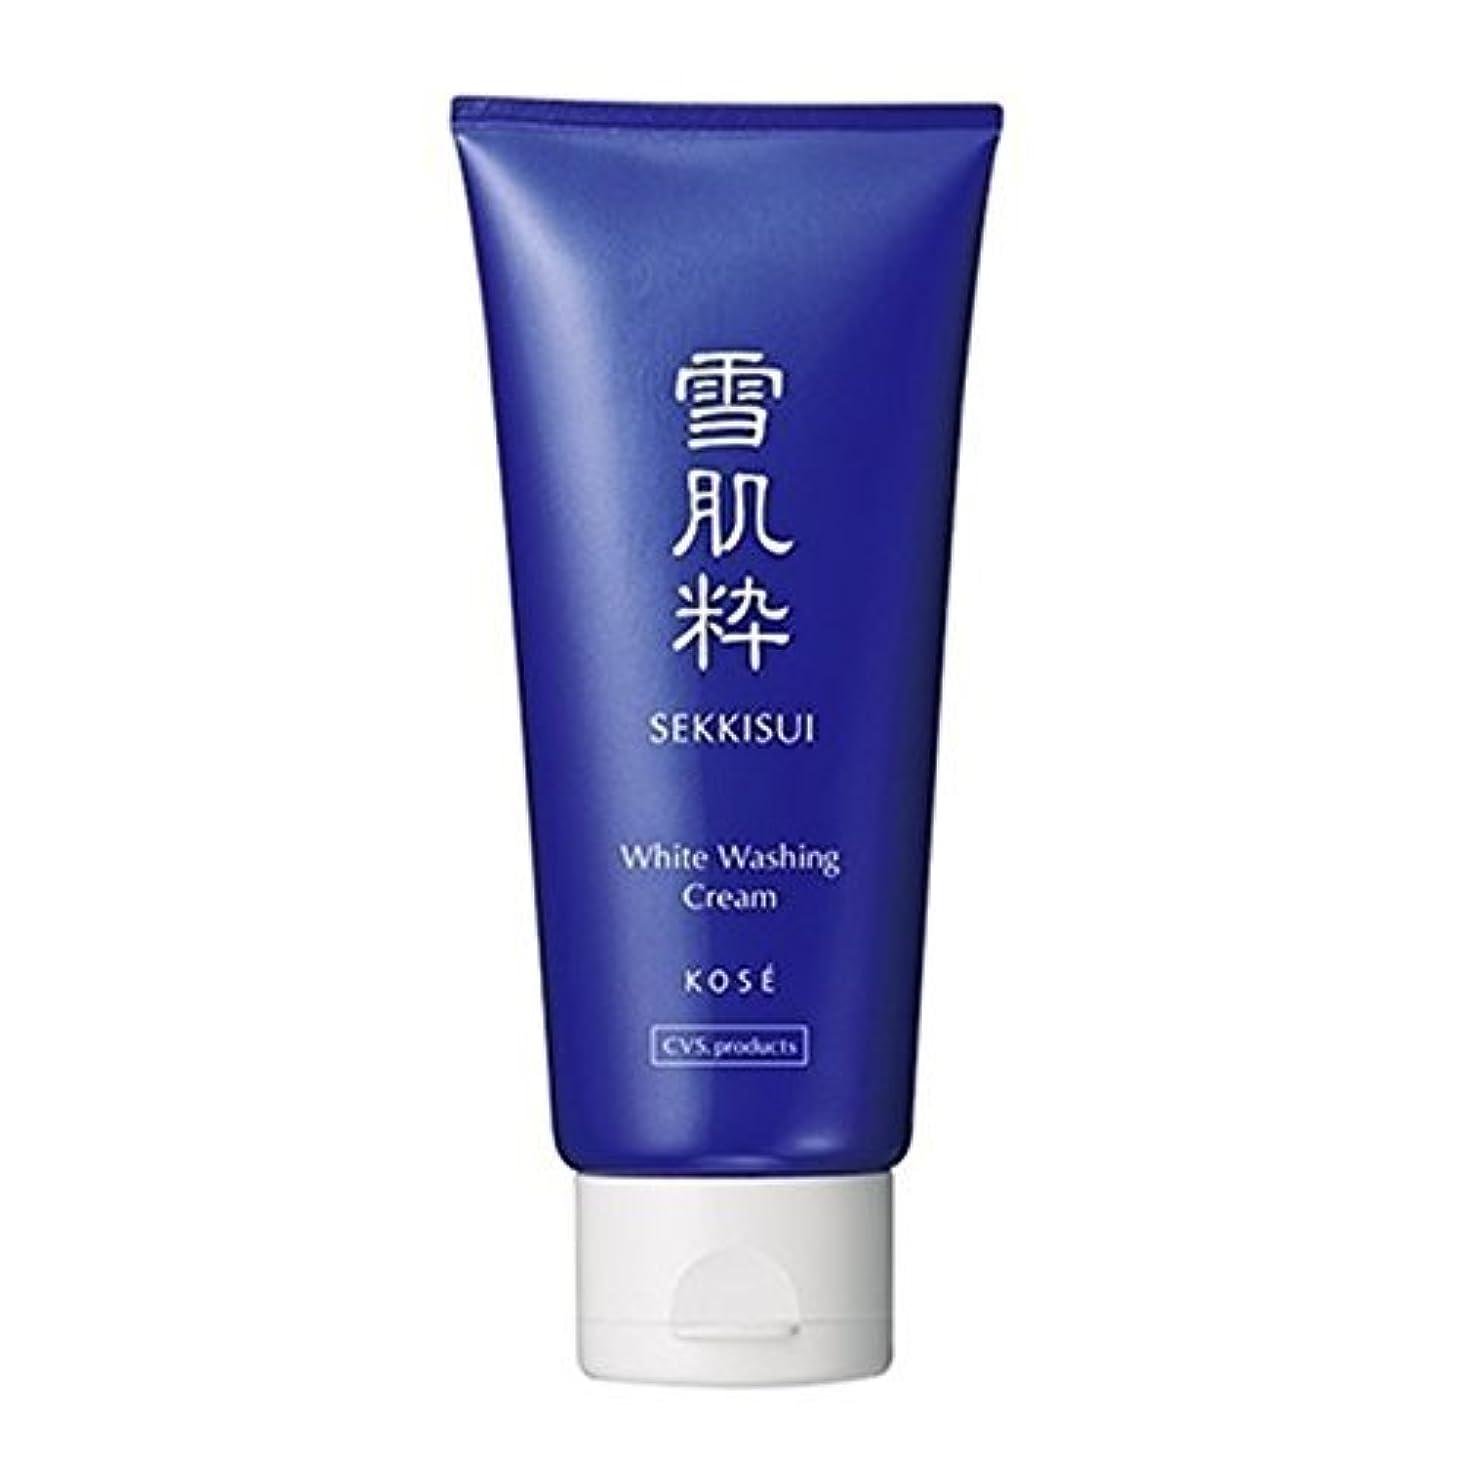 昨日未亡人維持するコーセー 雪肌粋 ホワイト洗顔クリーム Kose Sekkisui White Washing Cream 80g×3本